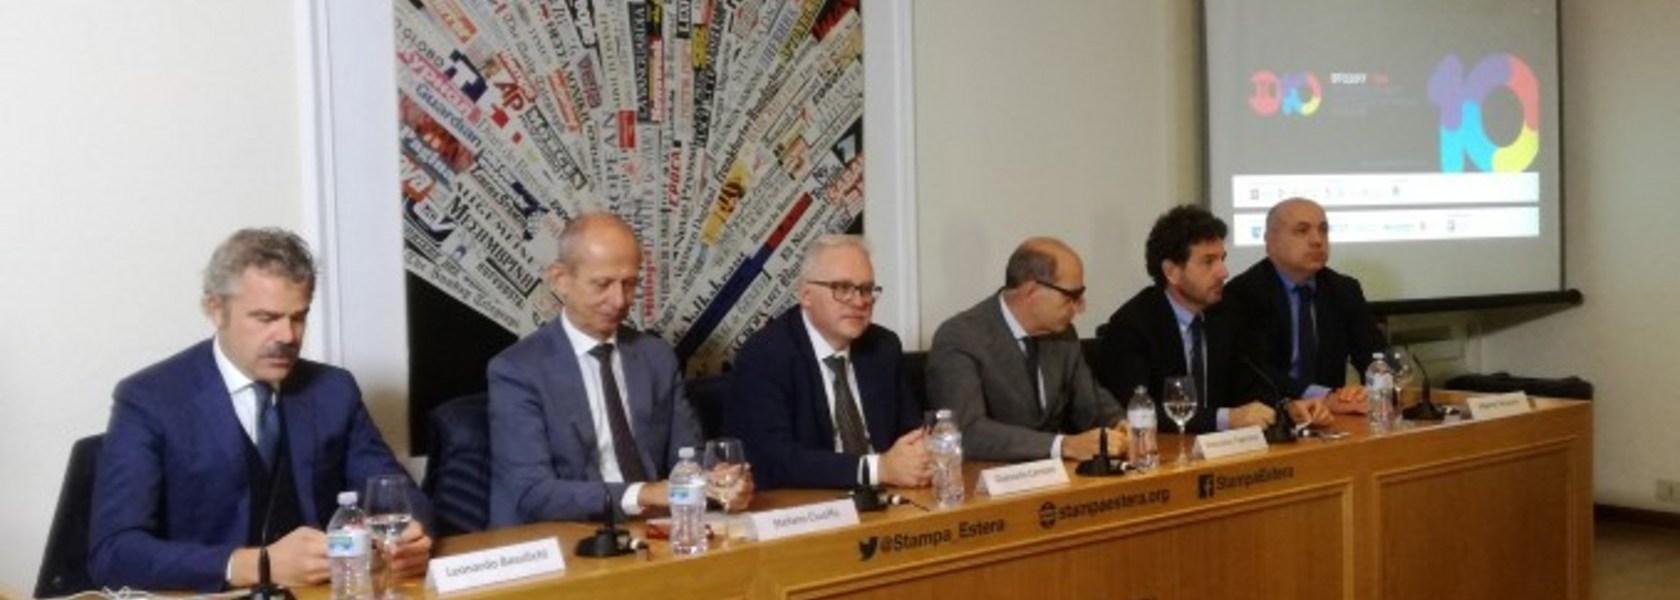 Ecosistemi Digitali: presentati a Roma relatori e temi dell'evento-chiave per la promozione del turismo online